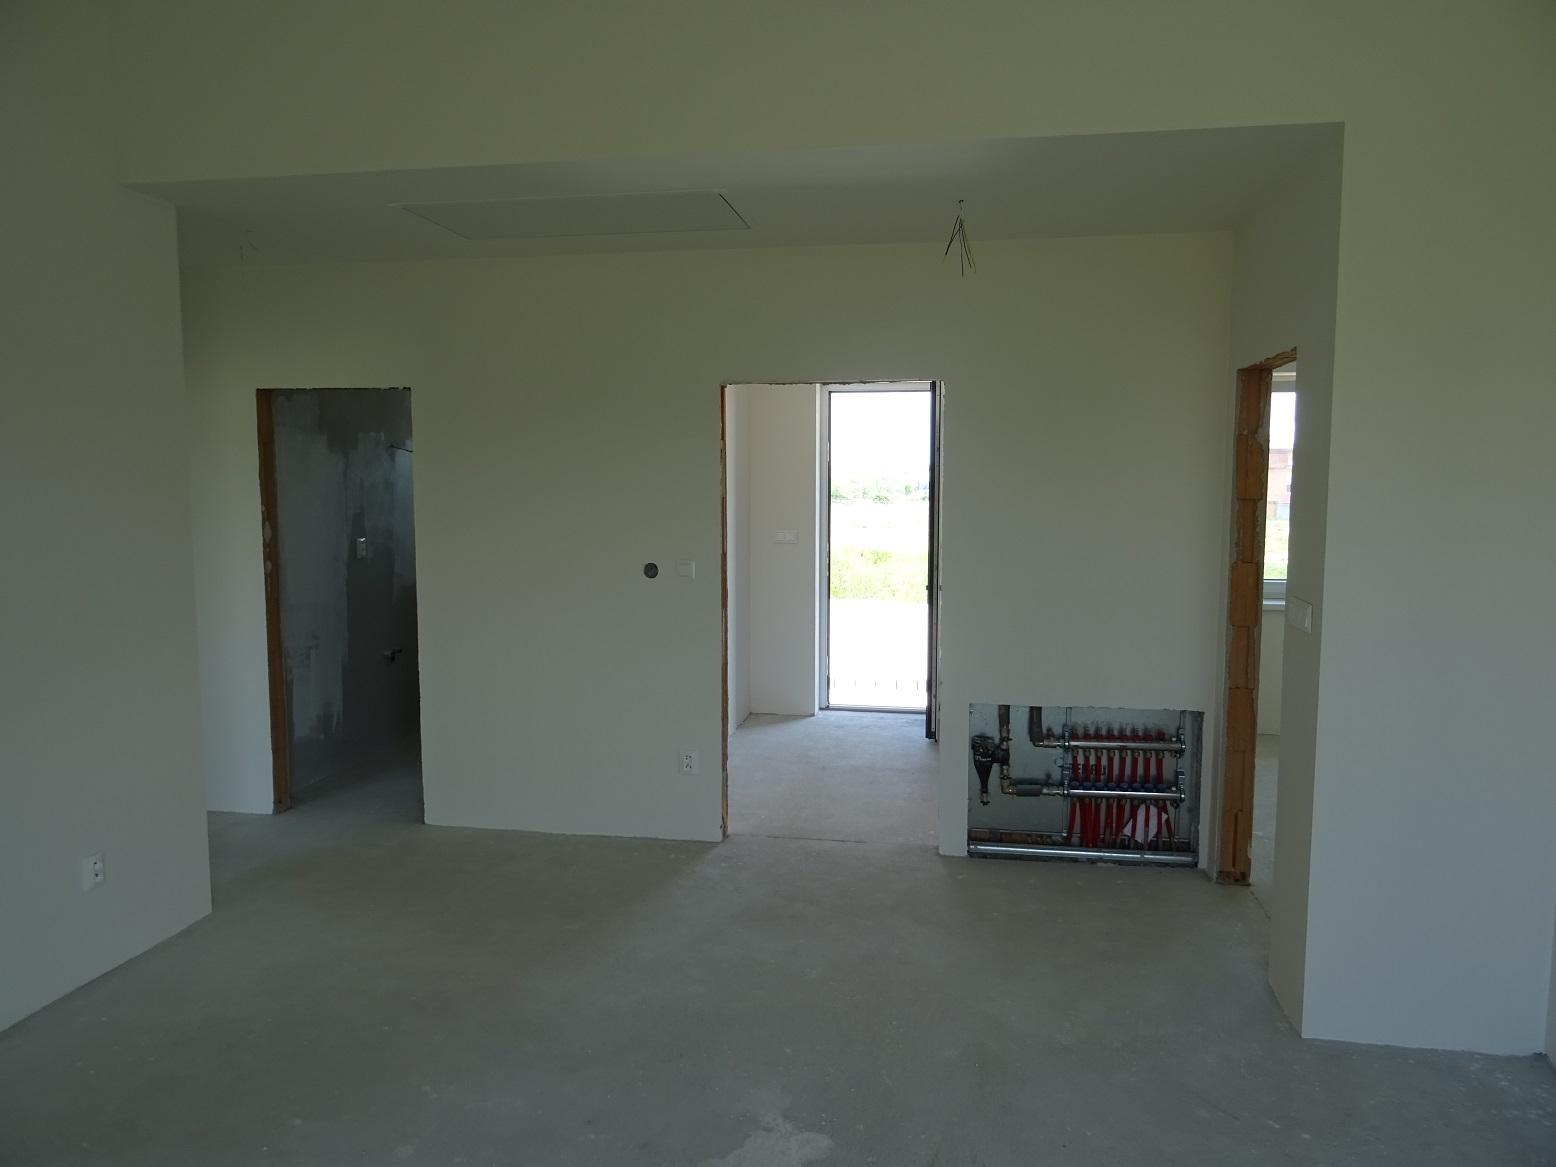 Minidomček pod Karpatmi - pohľad z obývačky na vstup a kúpeľnu. Dali sme postaviť priečku na oddelenie obývačky, s posuvnými dverami - budú napravo.